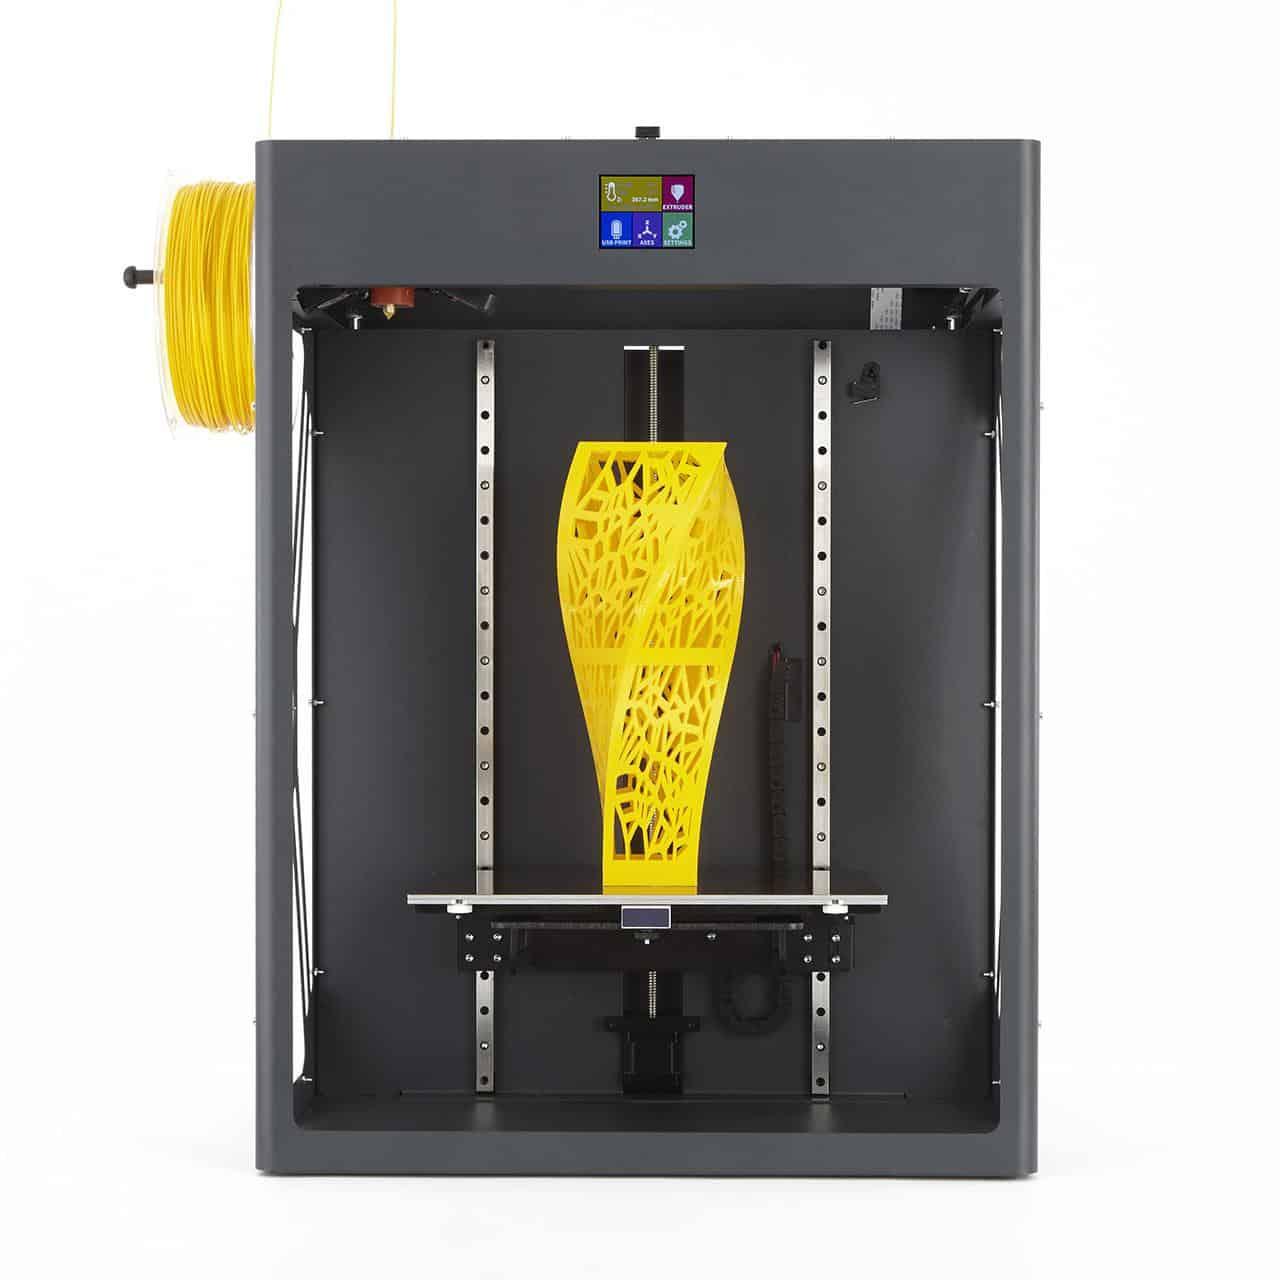 CraftBot XL nagyformátumú 3D nyomtató